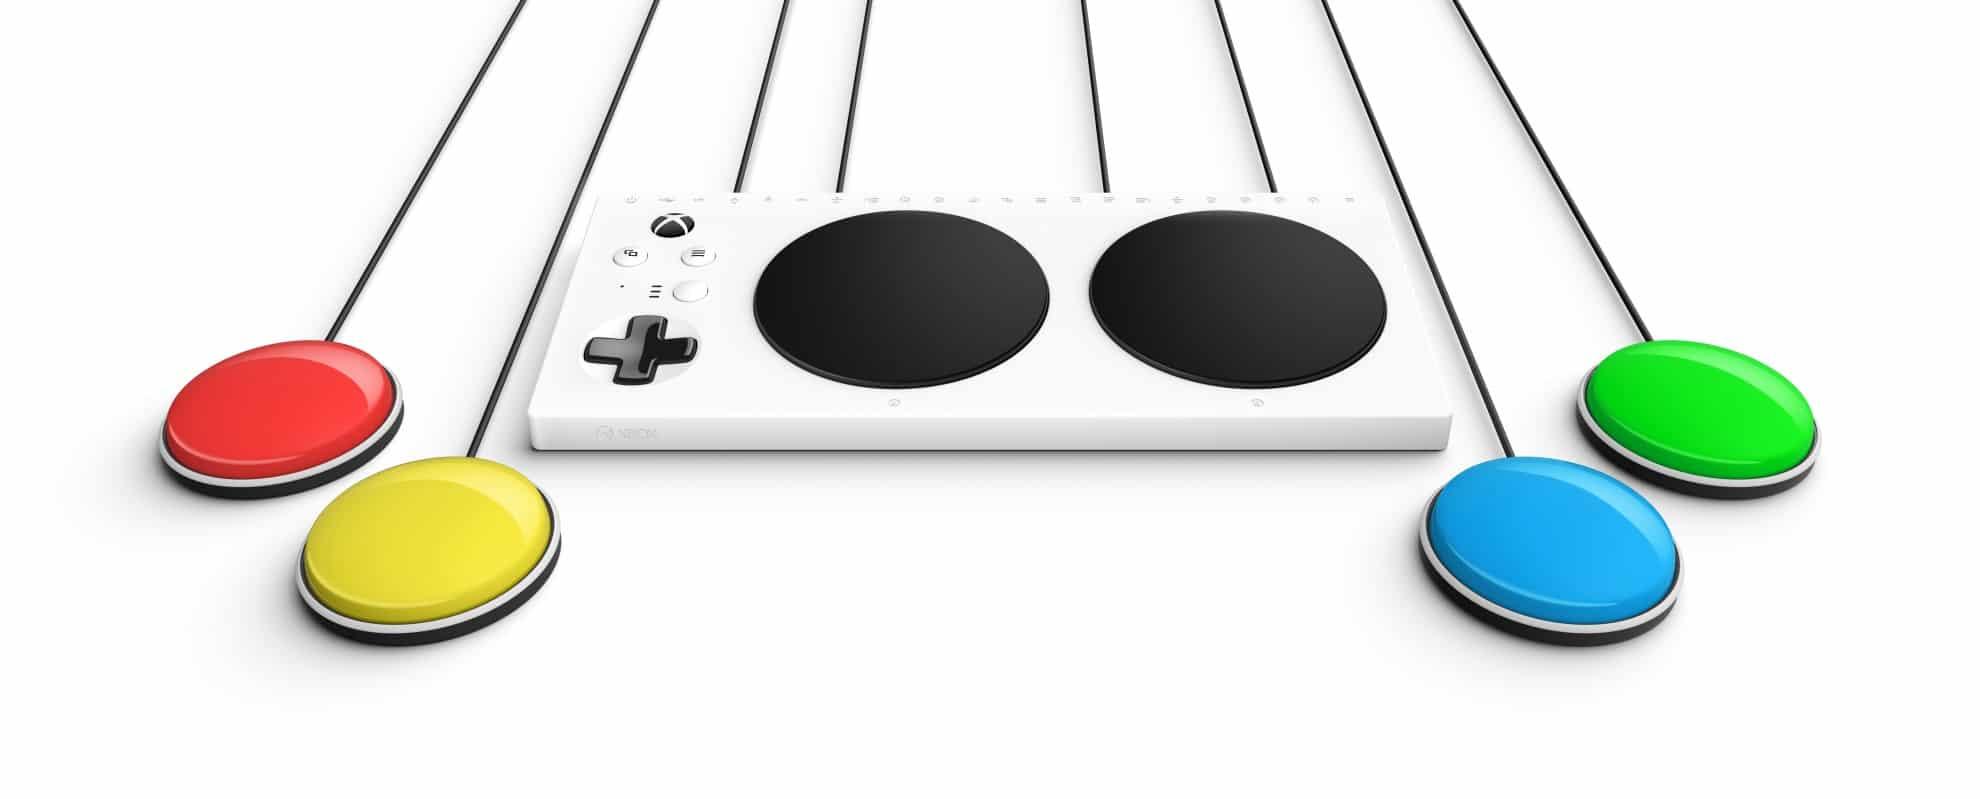 Außergewöhnlich - der Xbox Adaptive Controller. (Foto: Microsoft)